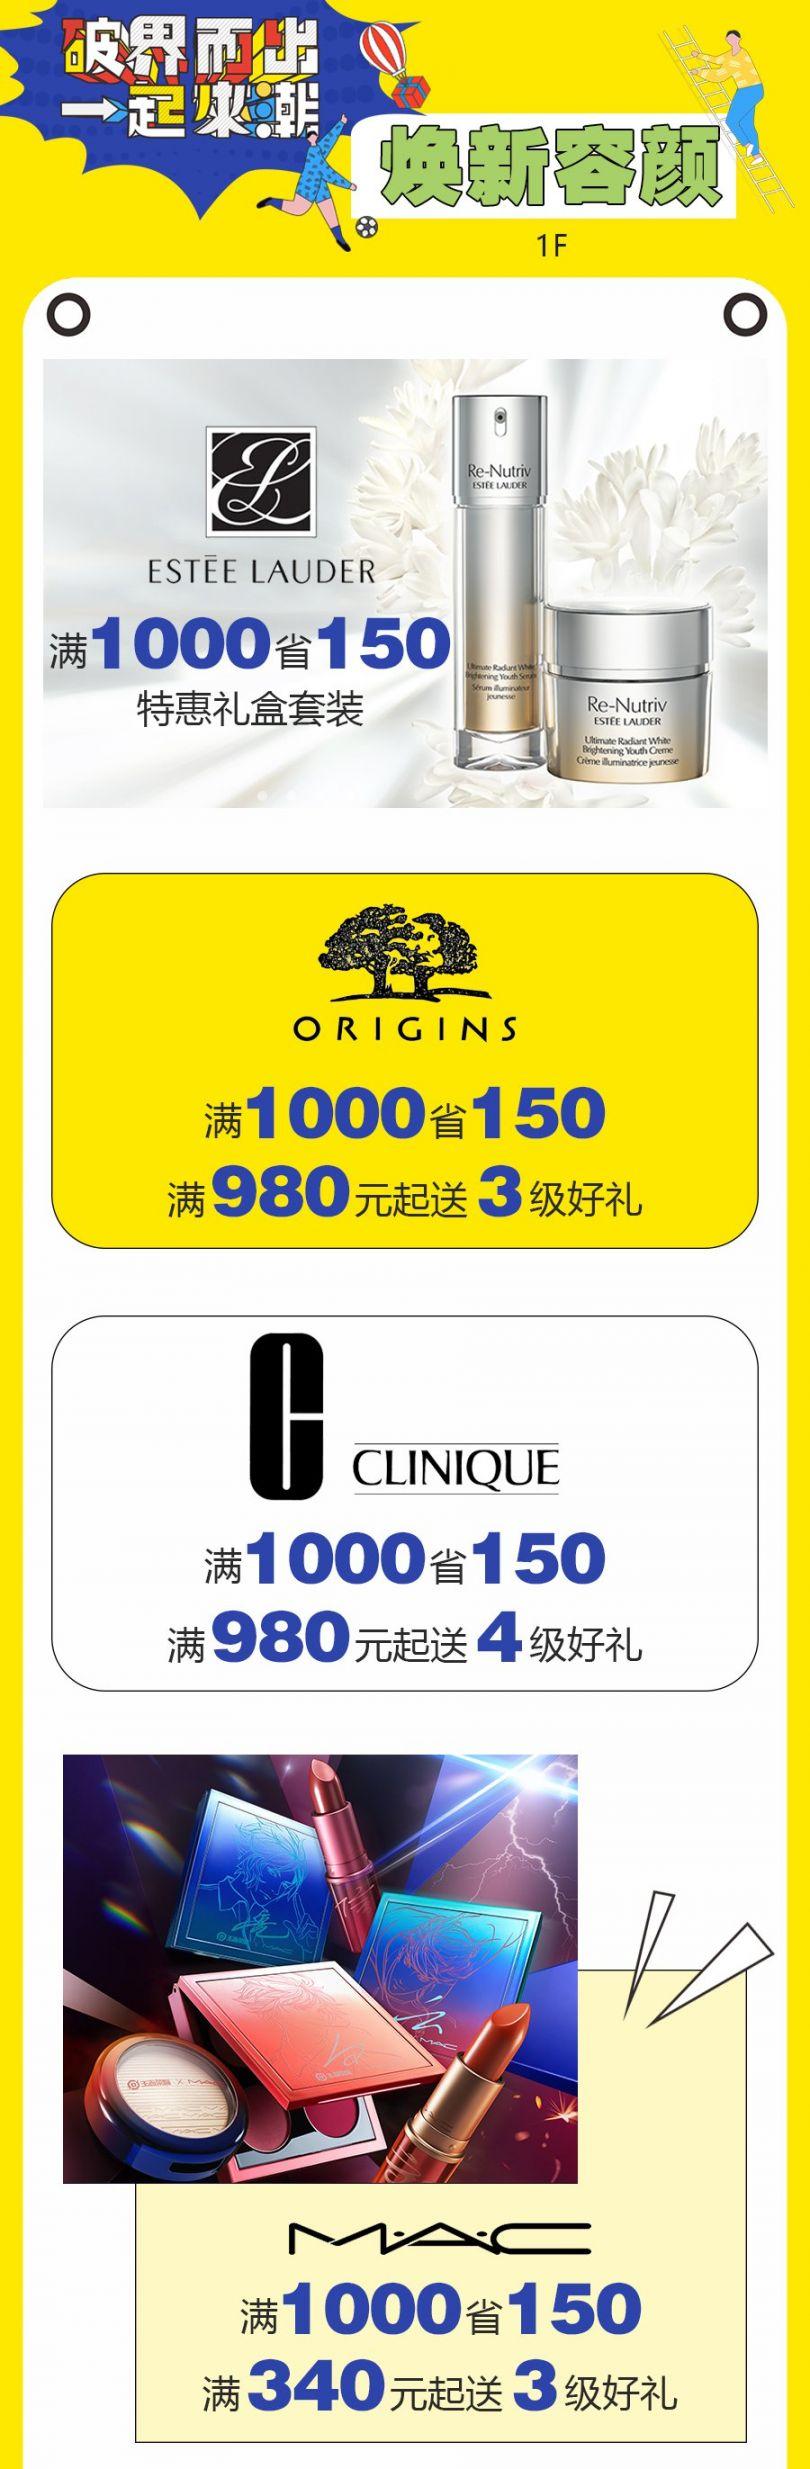 2020重庆重百大楼五一打折活动时间、内容